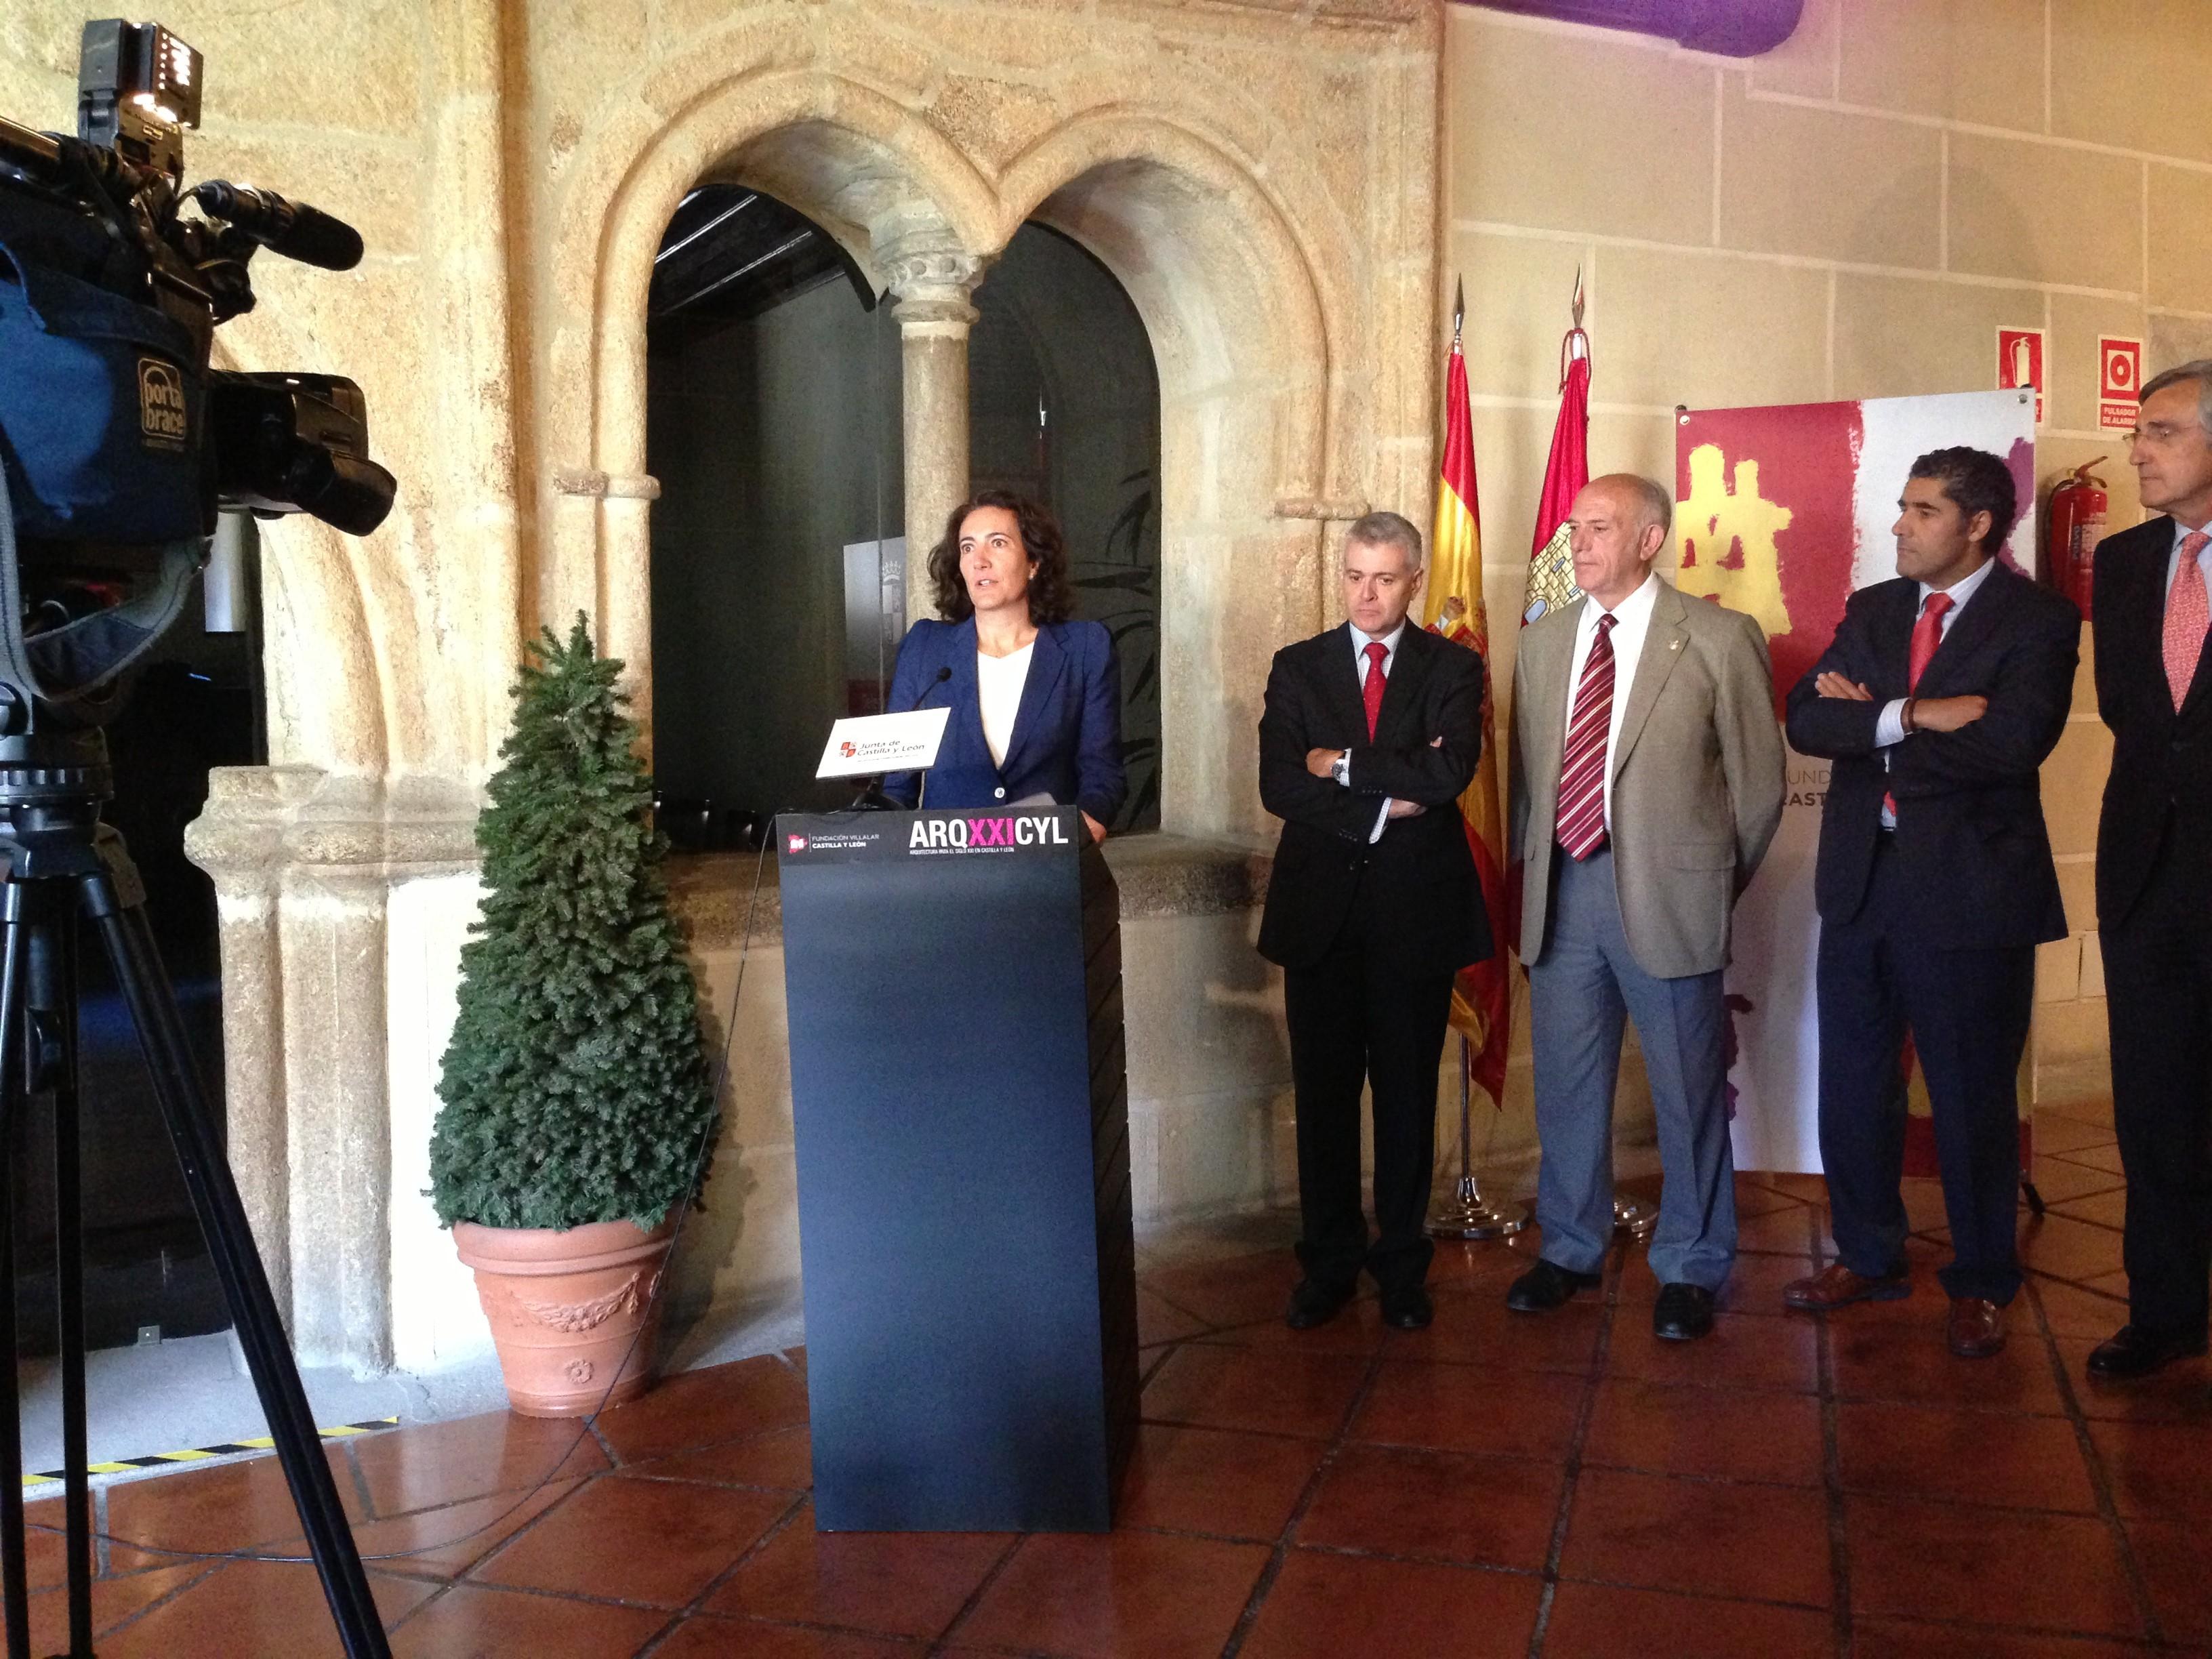 La exposición itinerante «ARQXXICYL» de la Fundación Villalar-Castilla y León arrancó en Ávila.